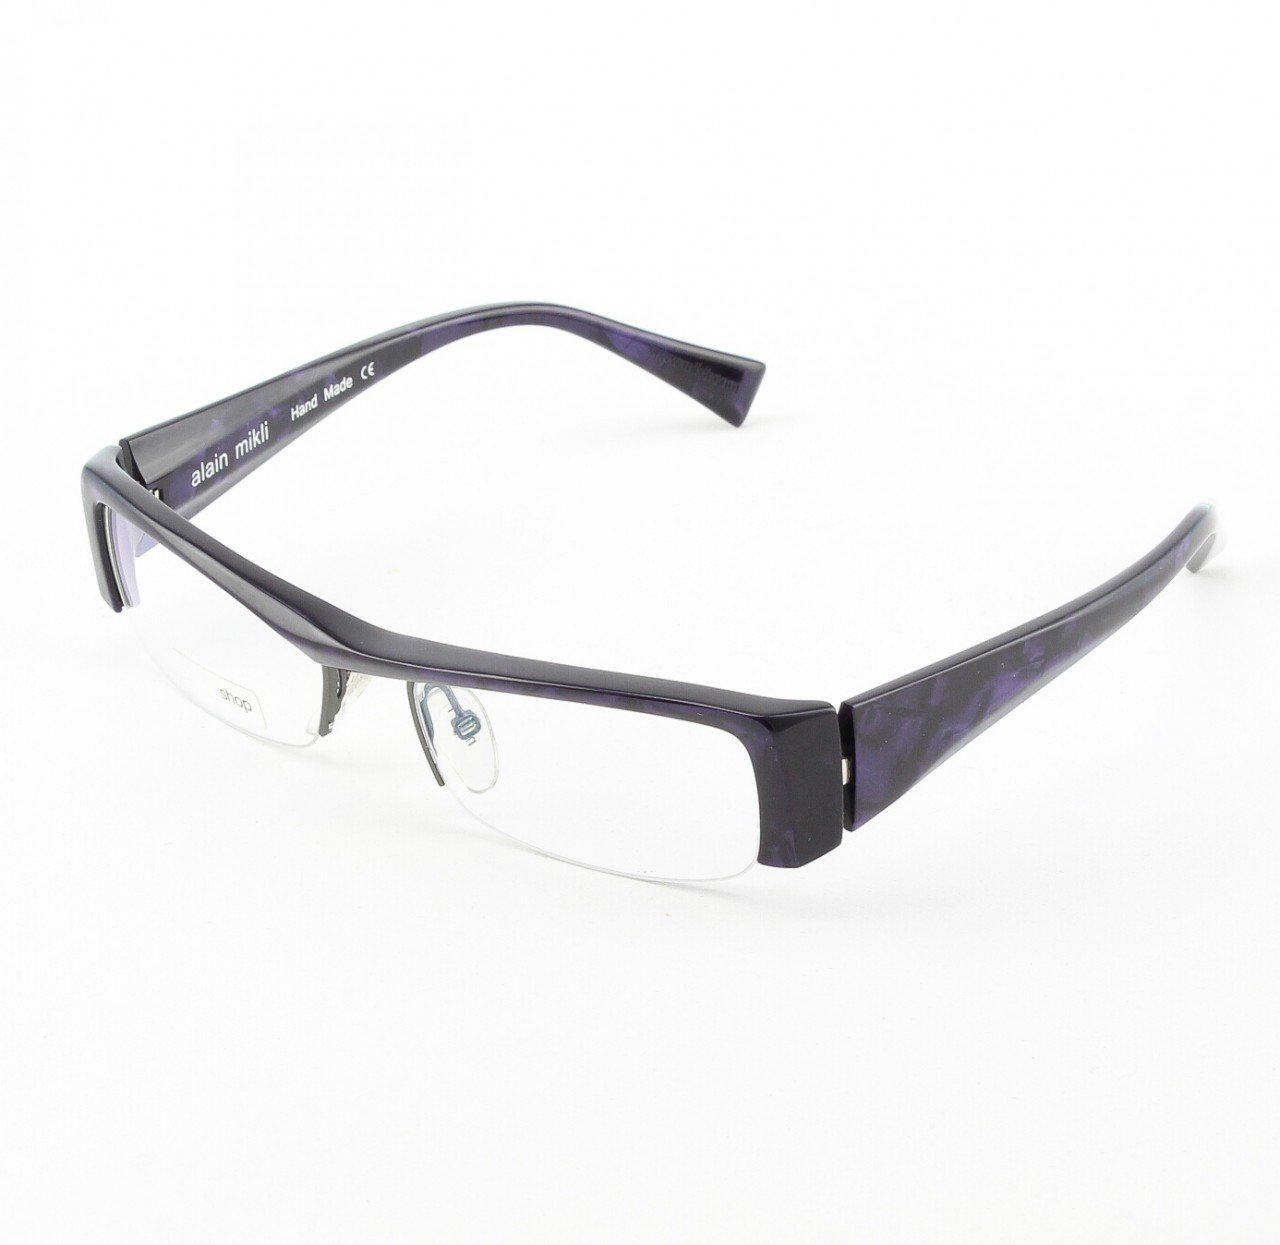 Alain Mikli Eyeglasses AL0795 Col. 90 Marbled Purple